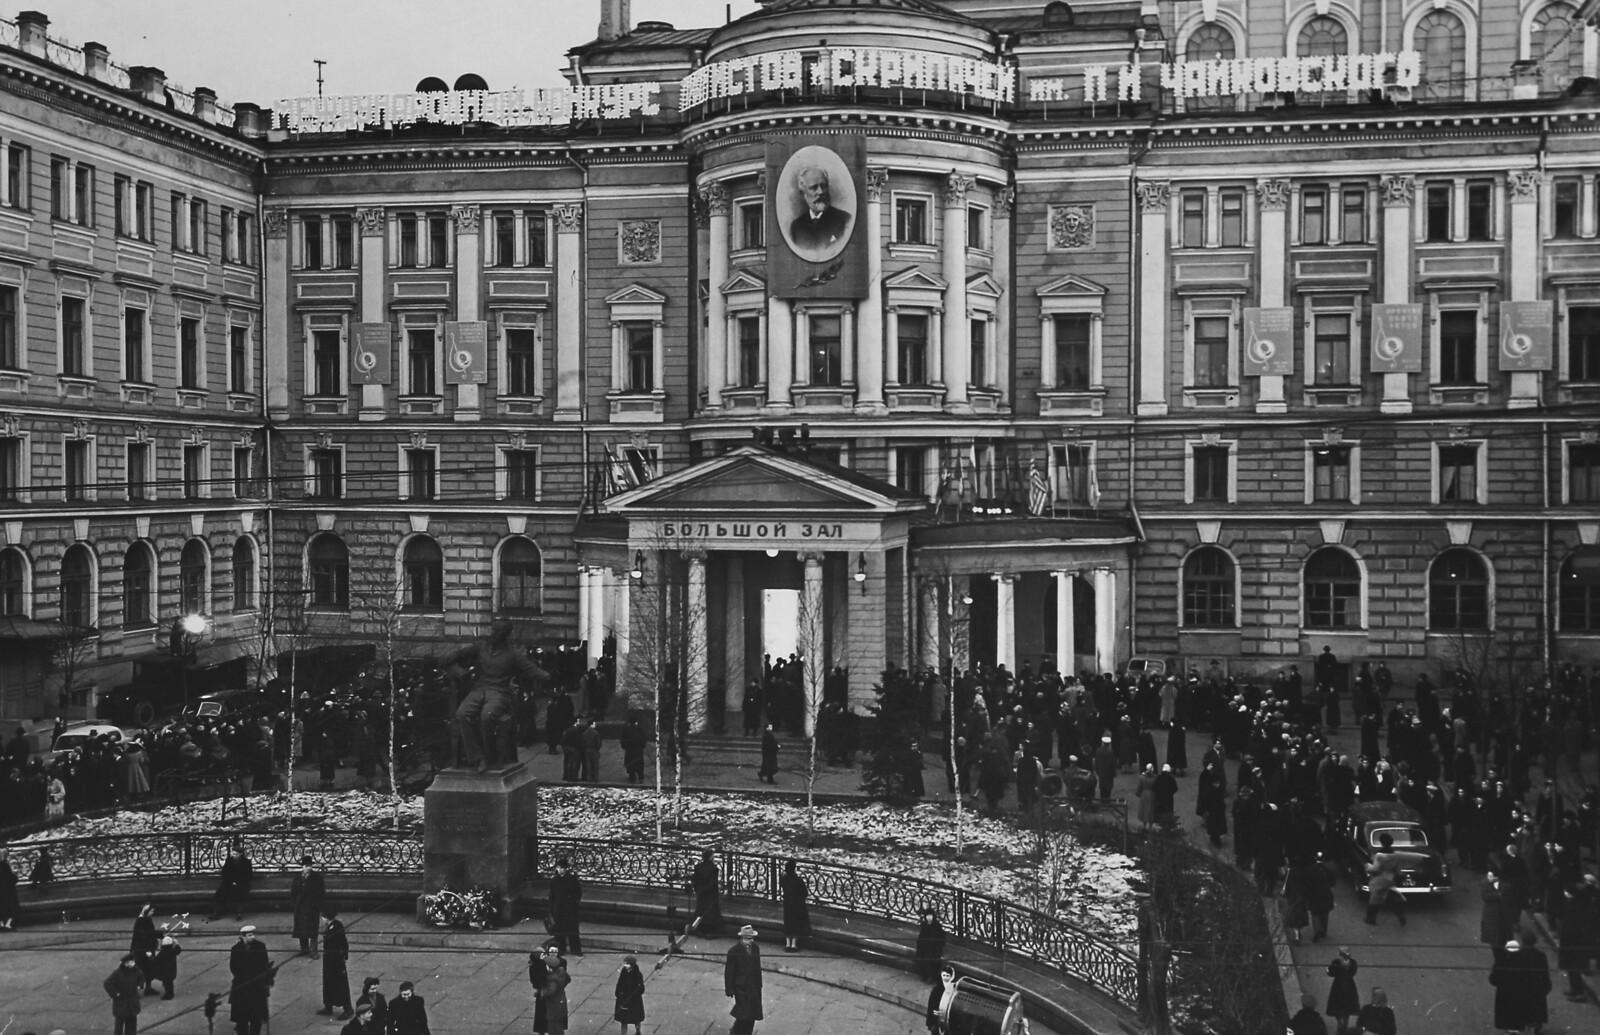 1958. Первый Международный конкурс имени П.И. Чайковского. Большой зал консерватории